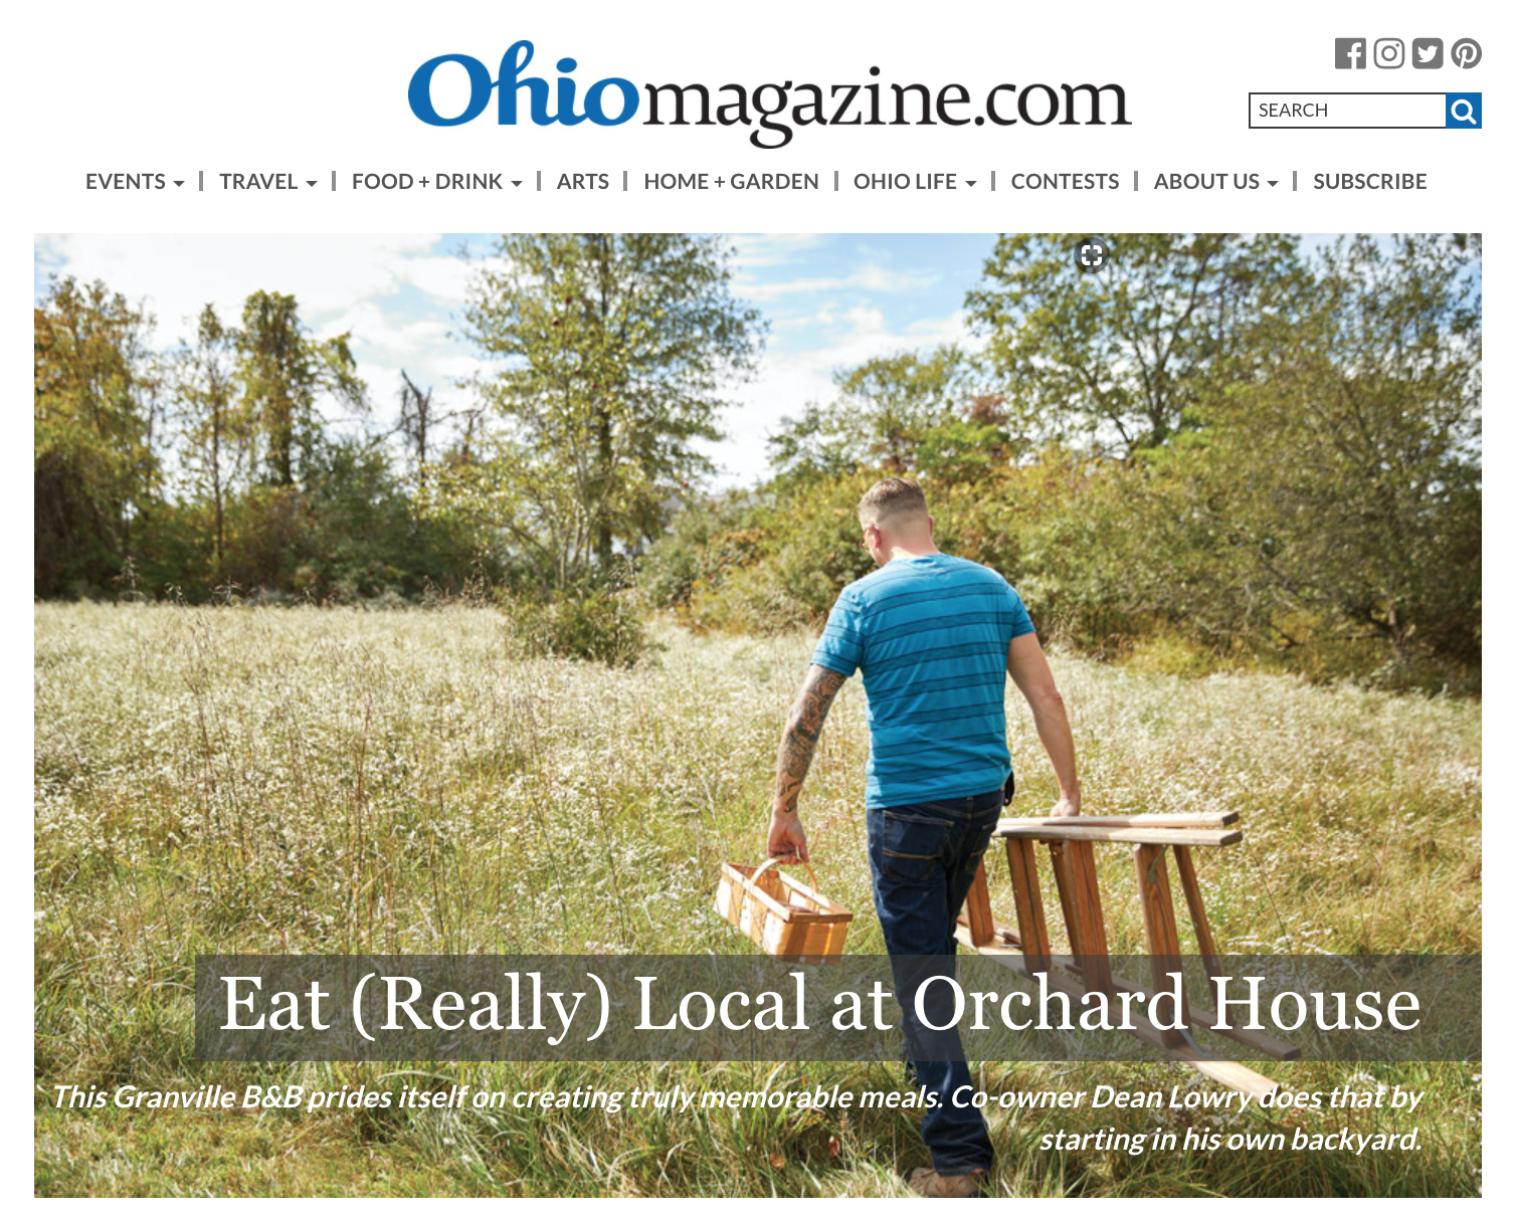 ohio-magazine-eat-local-Orchard-House.jpg